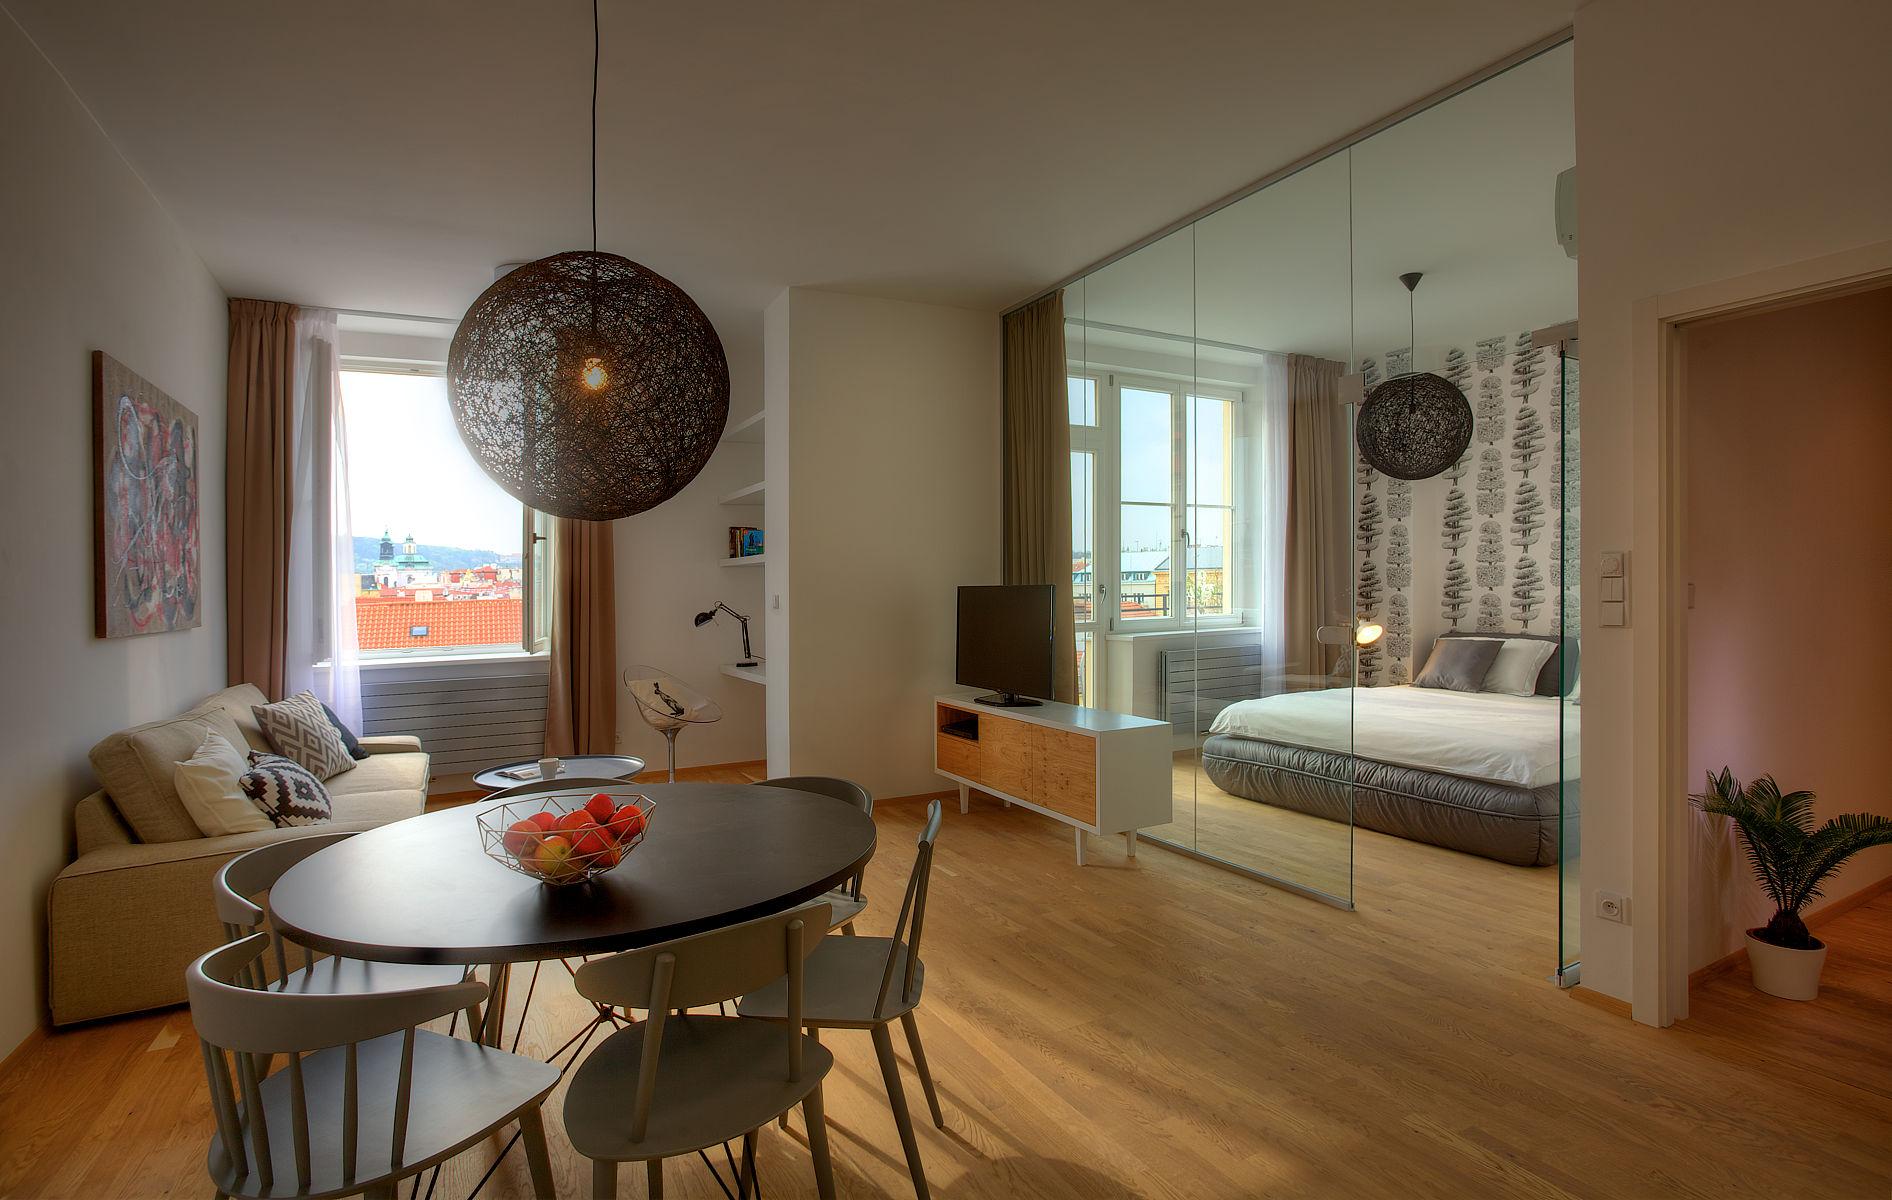 Спальня в однокомнатной квартире со стеклянными перегородками